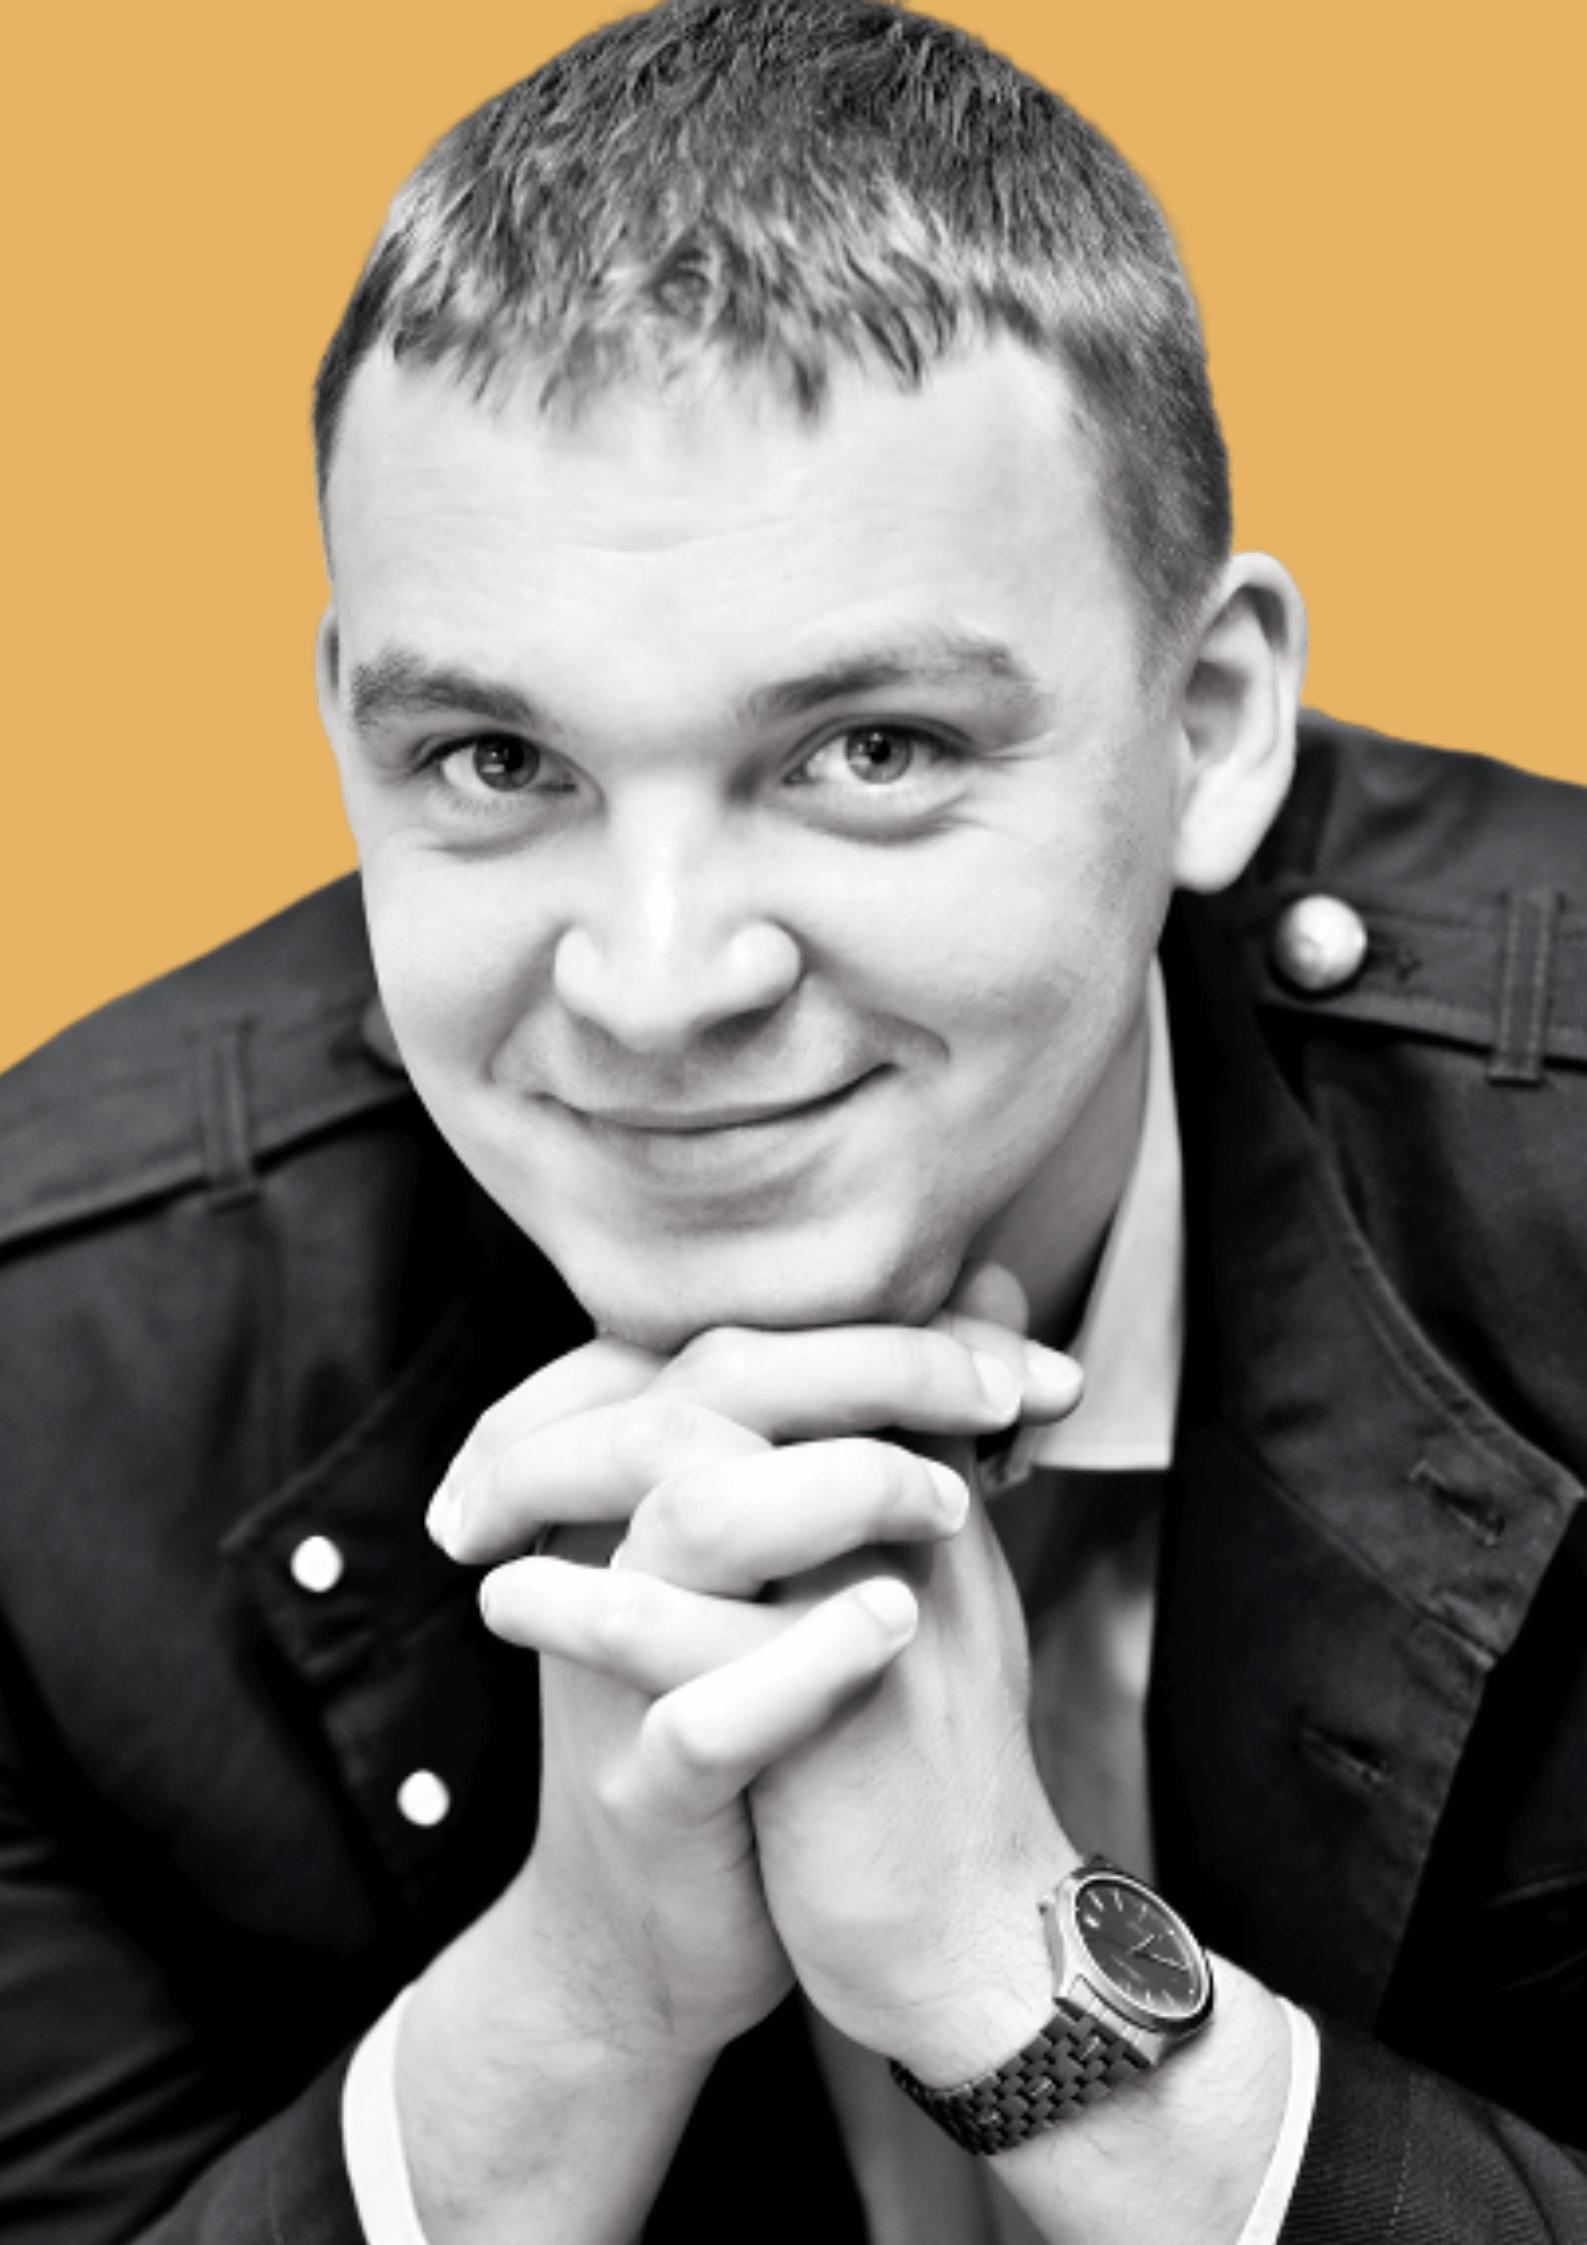 Tomasz szustakiewicz